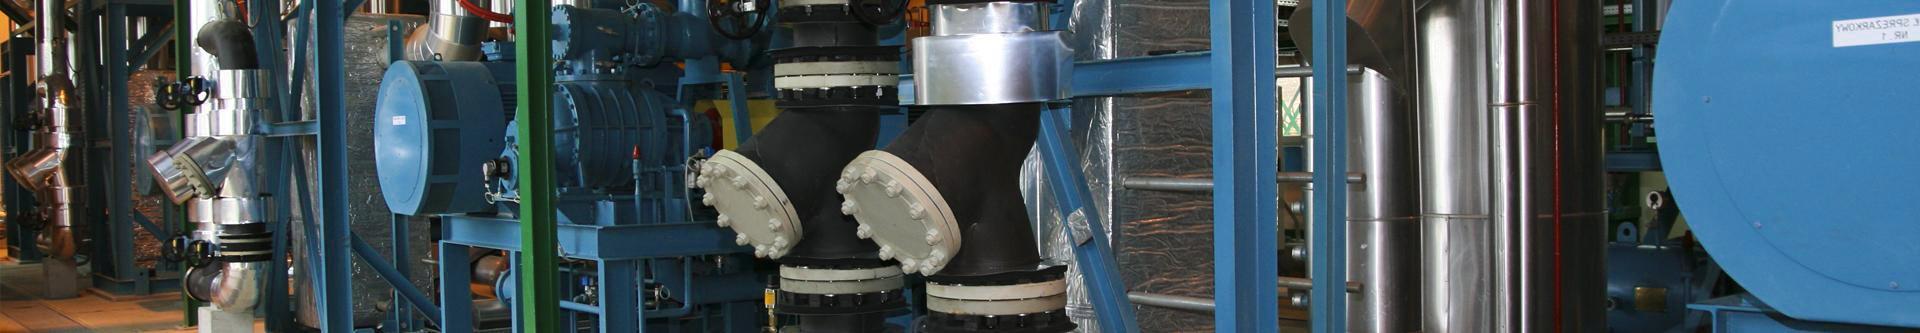 projekty przemysłowe - hala przemysłowa